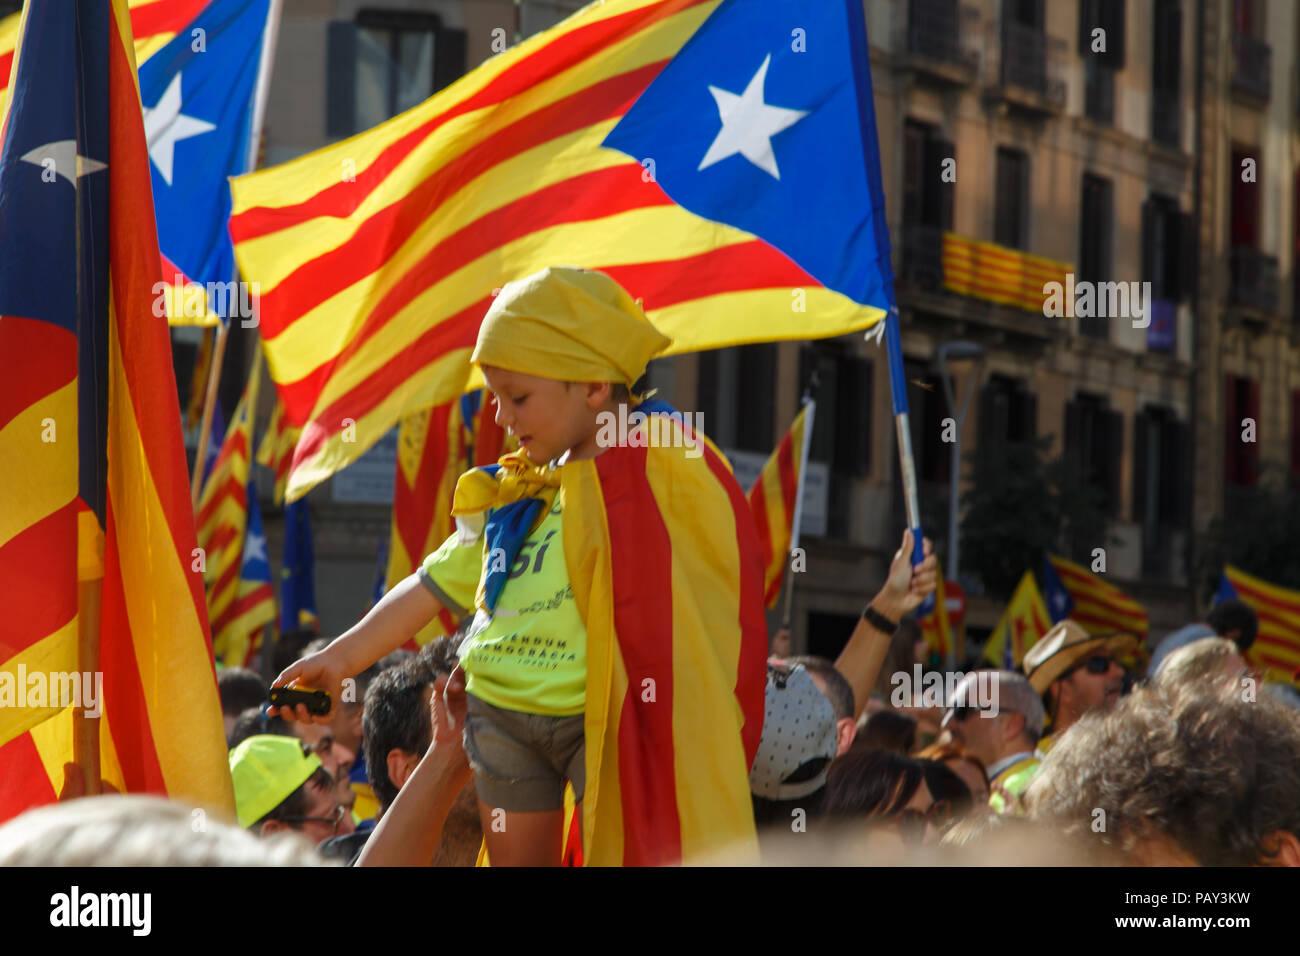 Barcelone, Catalogne, Espagne, le 11 septembre 2017: les gens sur rue à une émeute au cours de la journée nationale de la Catalogne claming pour l'indépendance de la Catalogne à Photo Stock